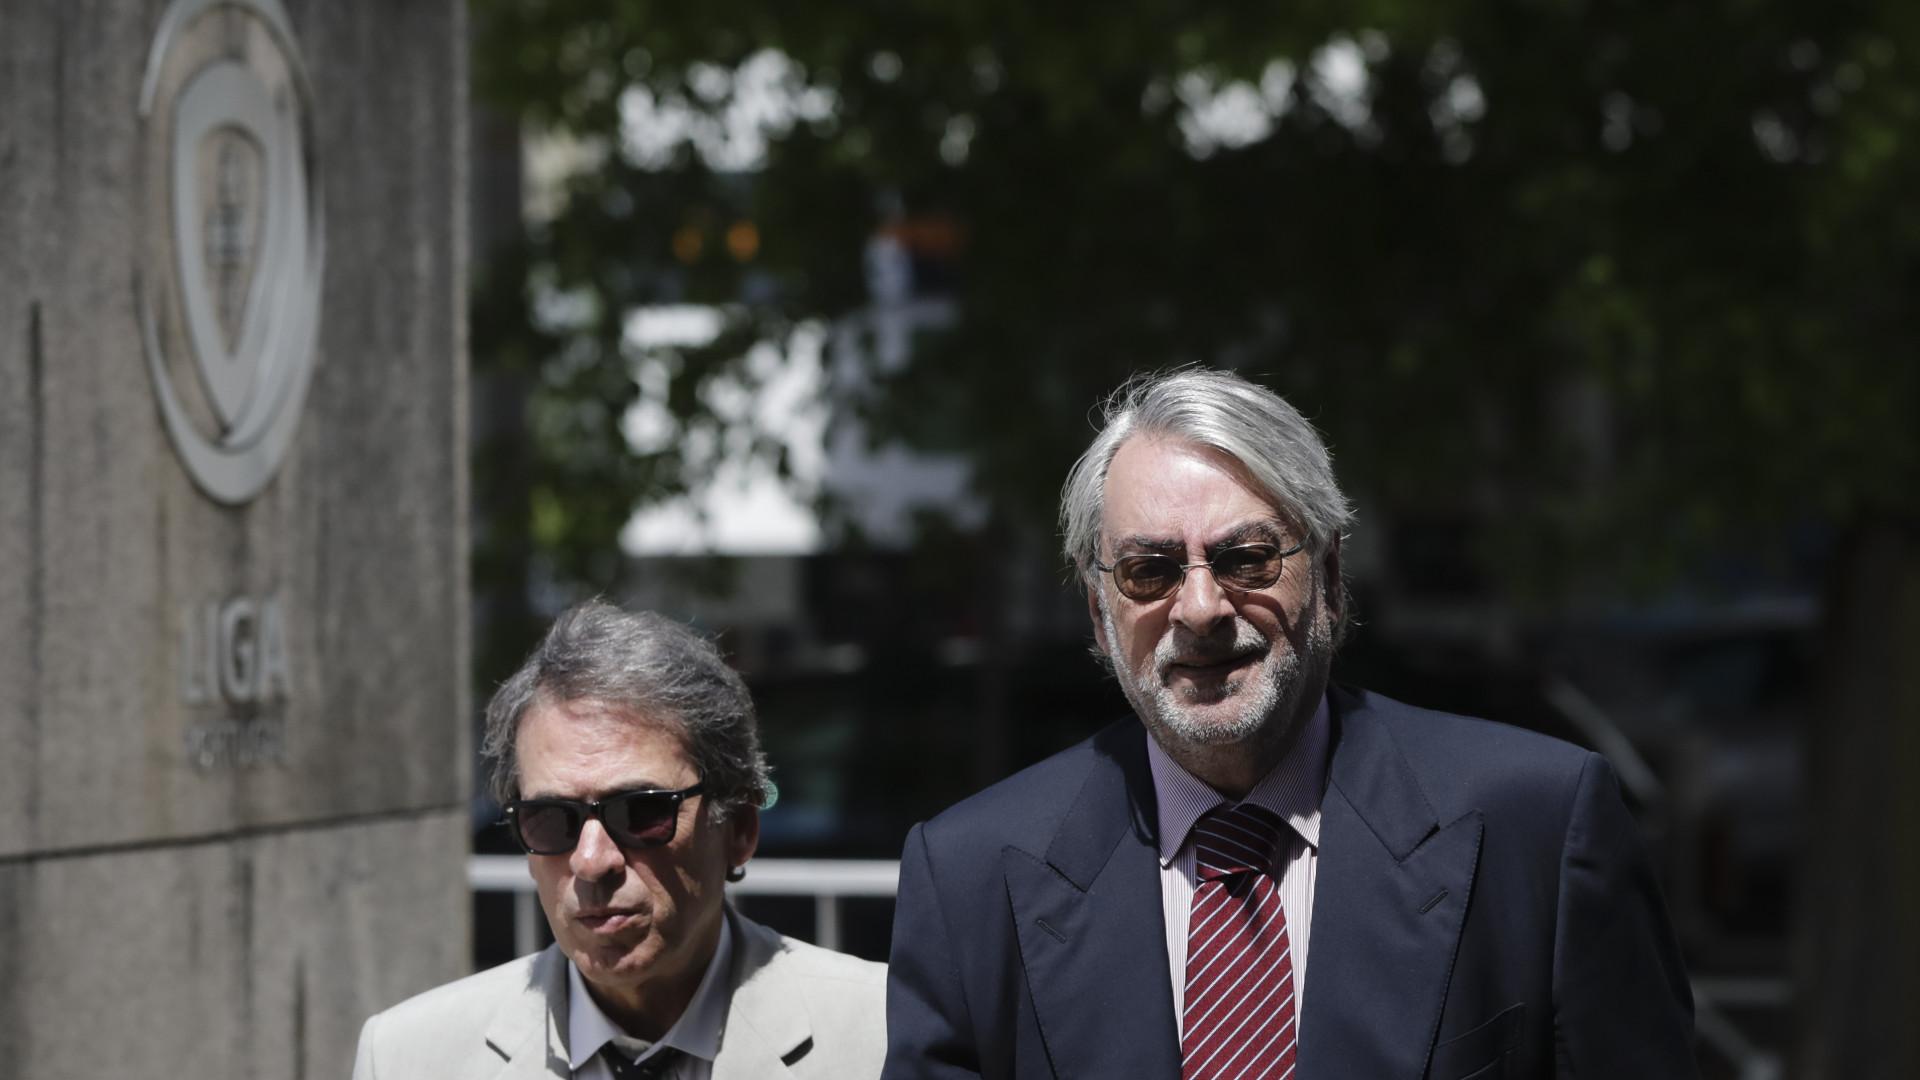 SAD do Boavista contesta golo anulado e toma posição sobre arbitragem